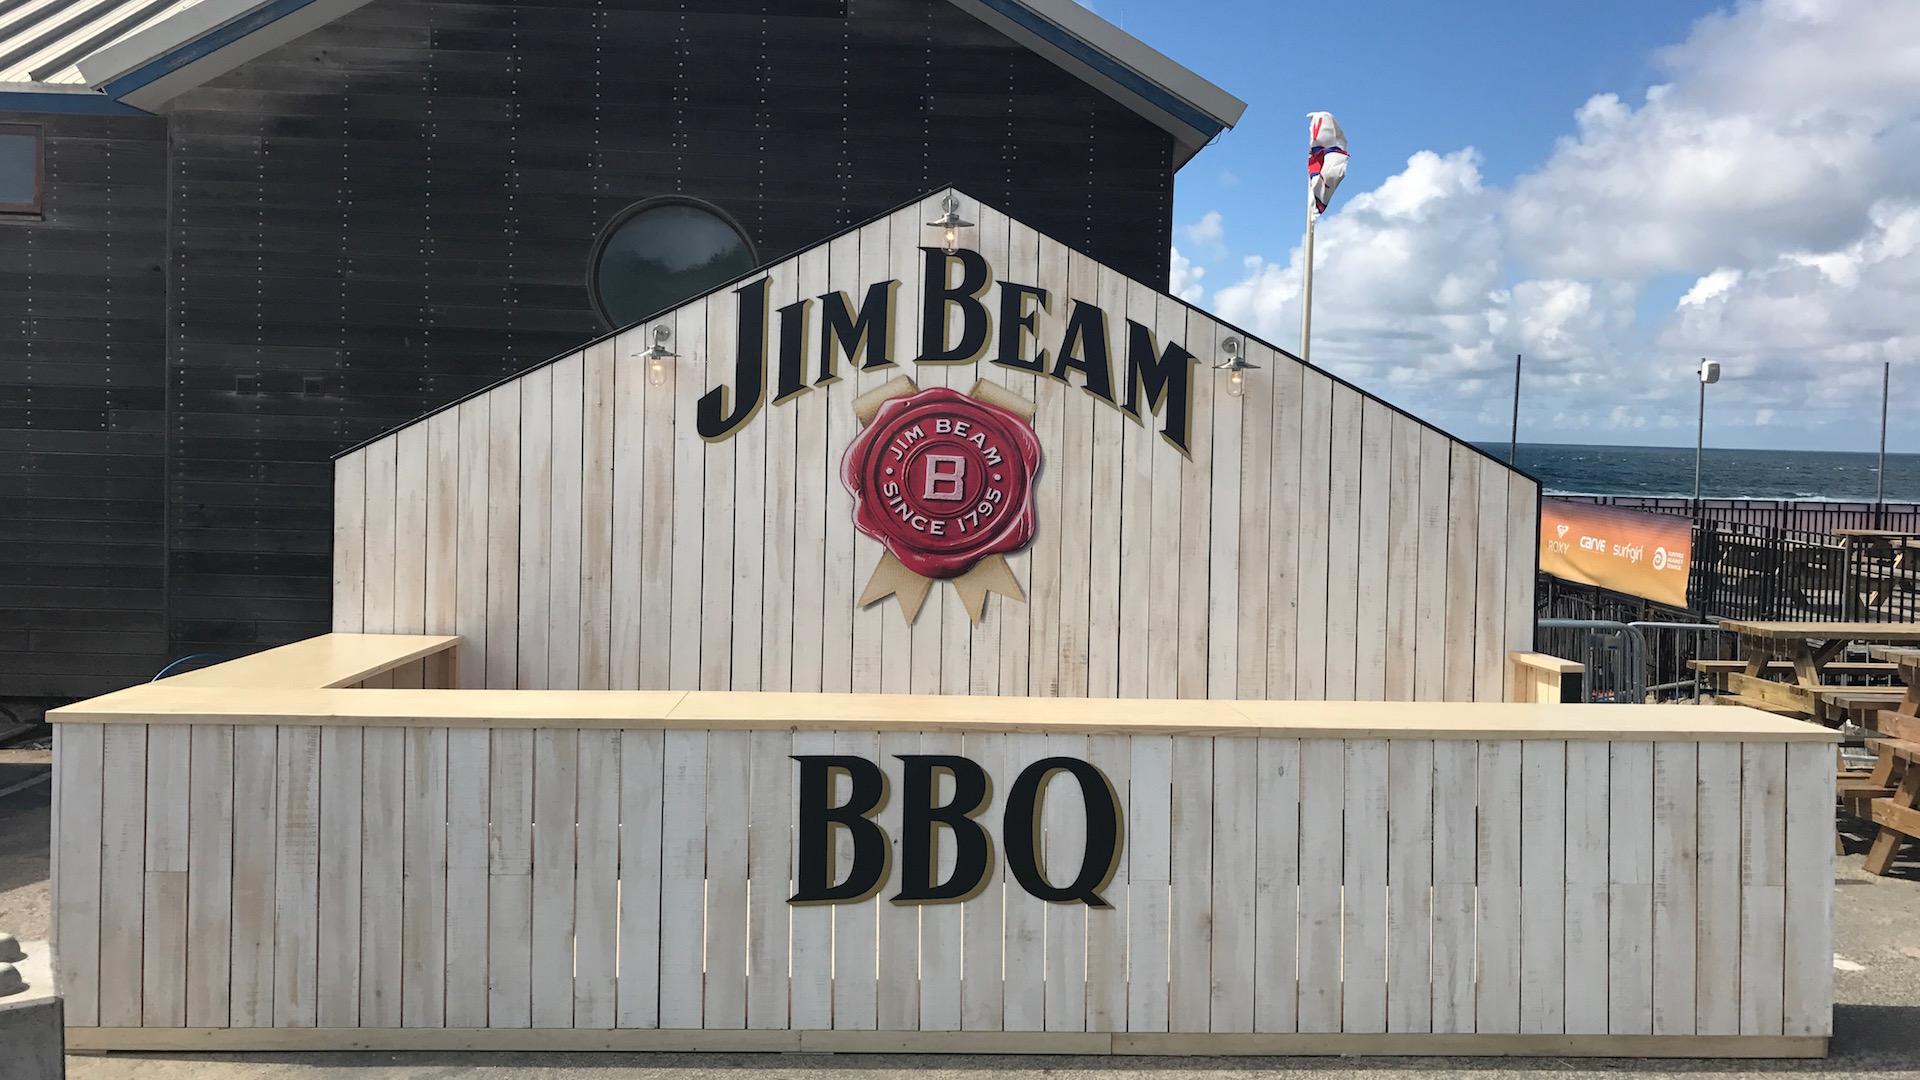 Jim Beam BBQ stand Boardmasters 2017